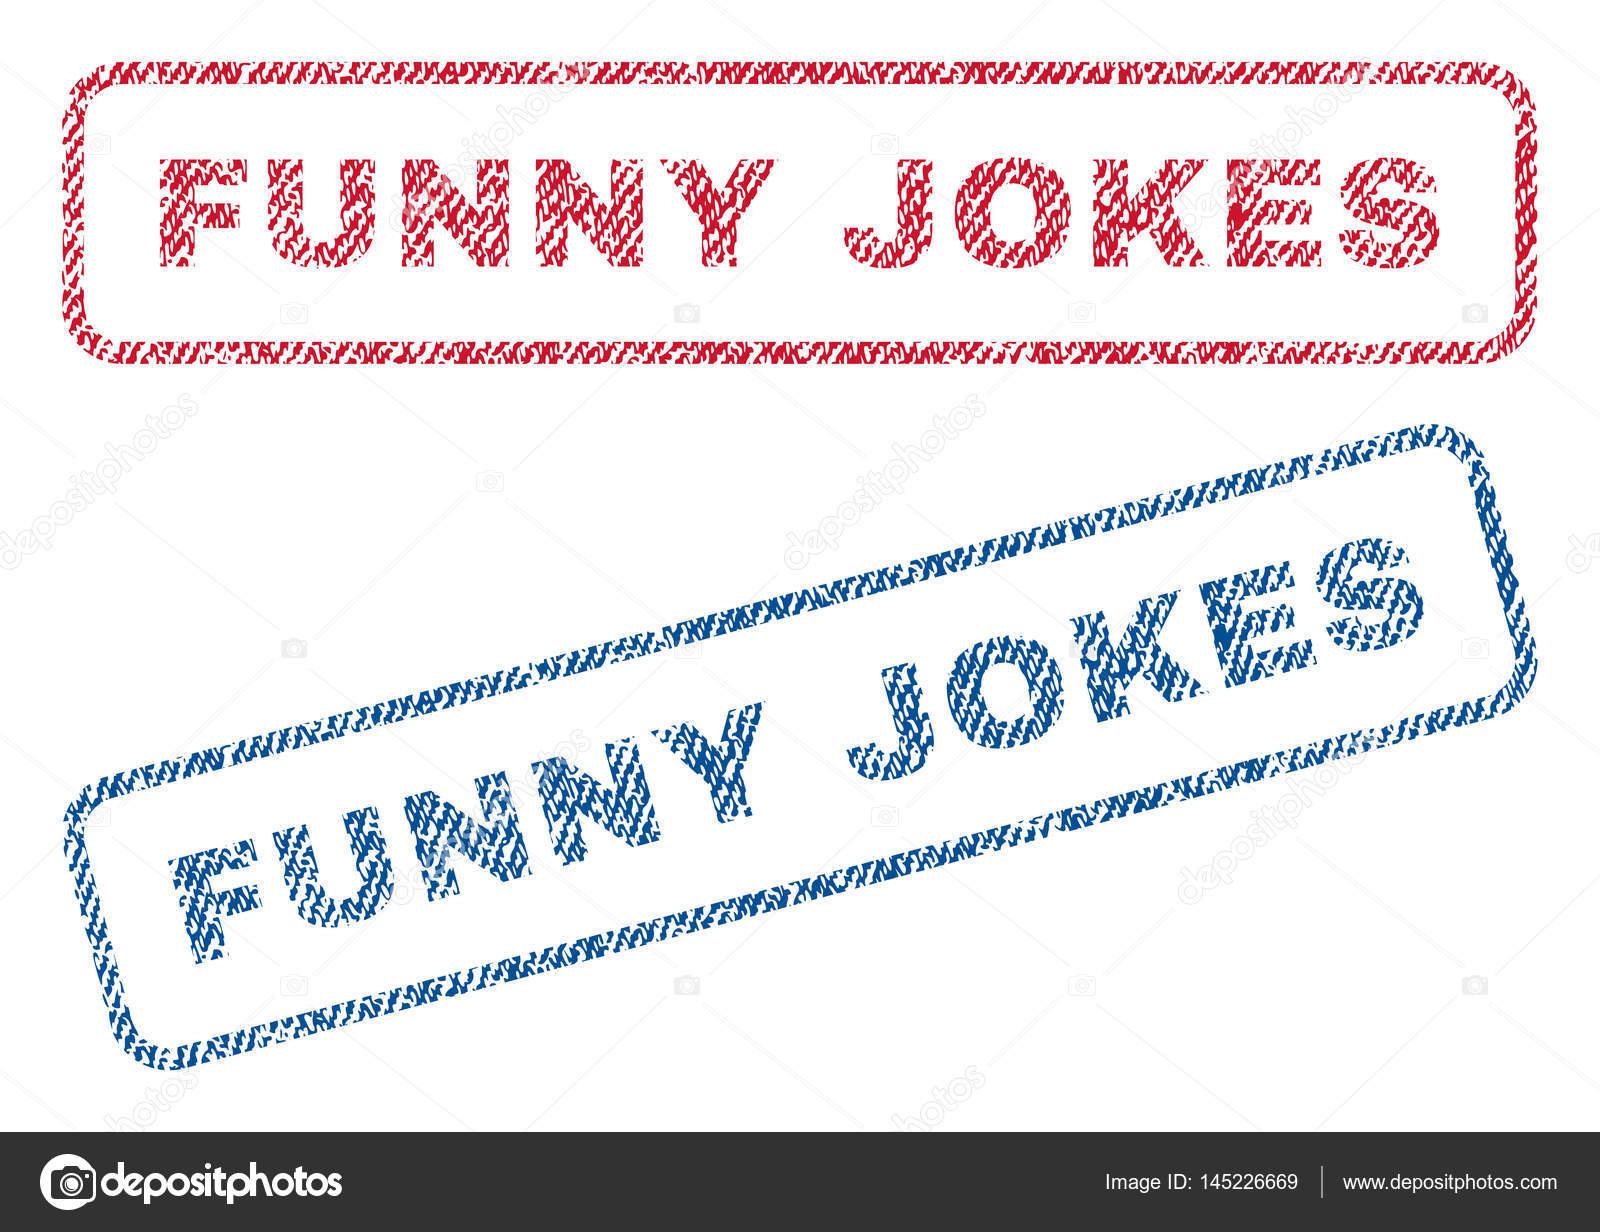 grappige grappen